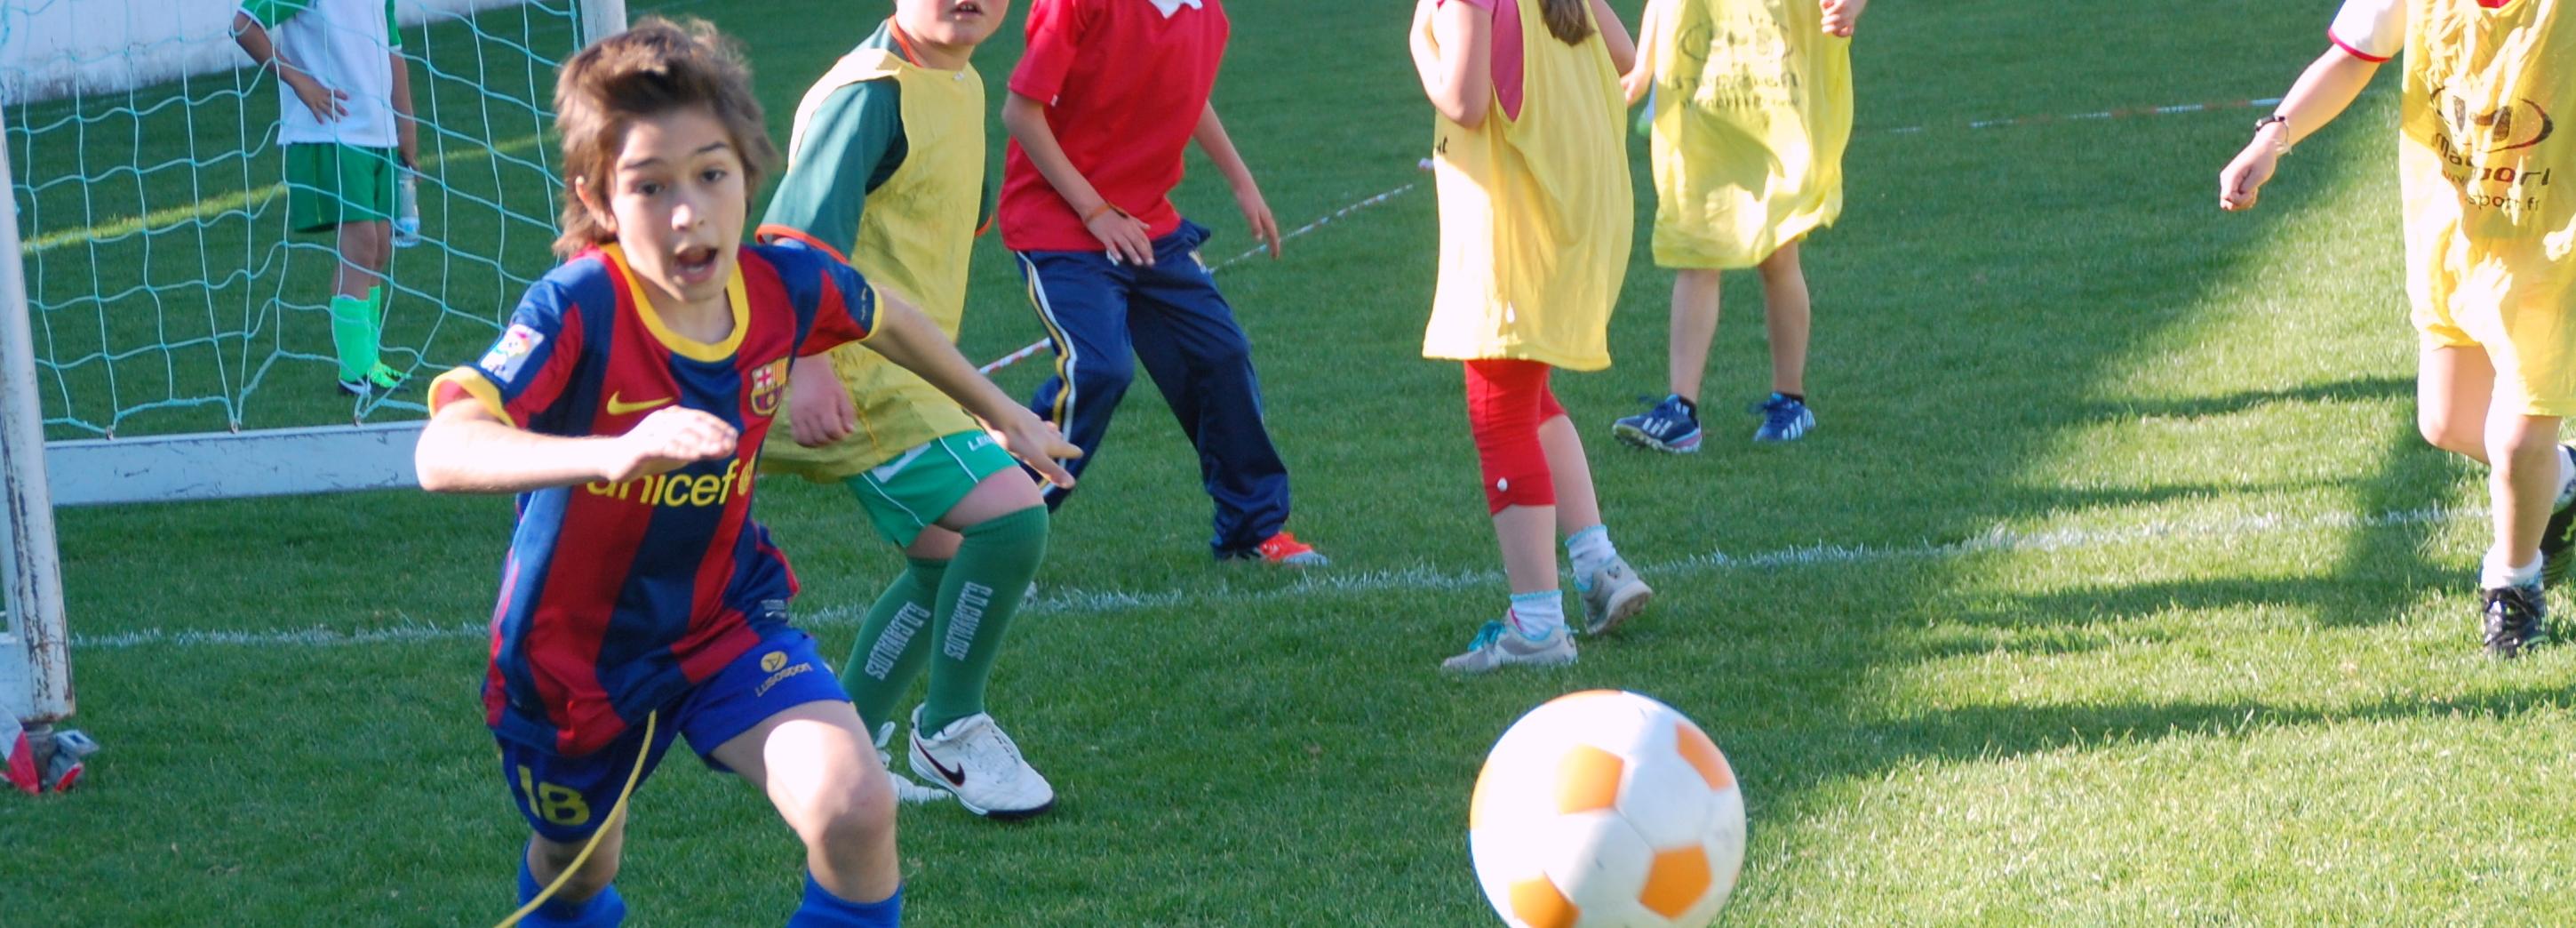 Torneio inter-escolas de futebol de 5 apurou dez equipas para a final